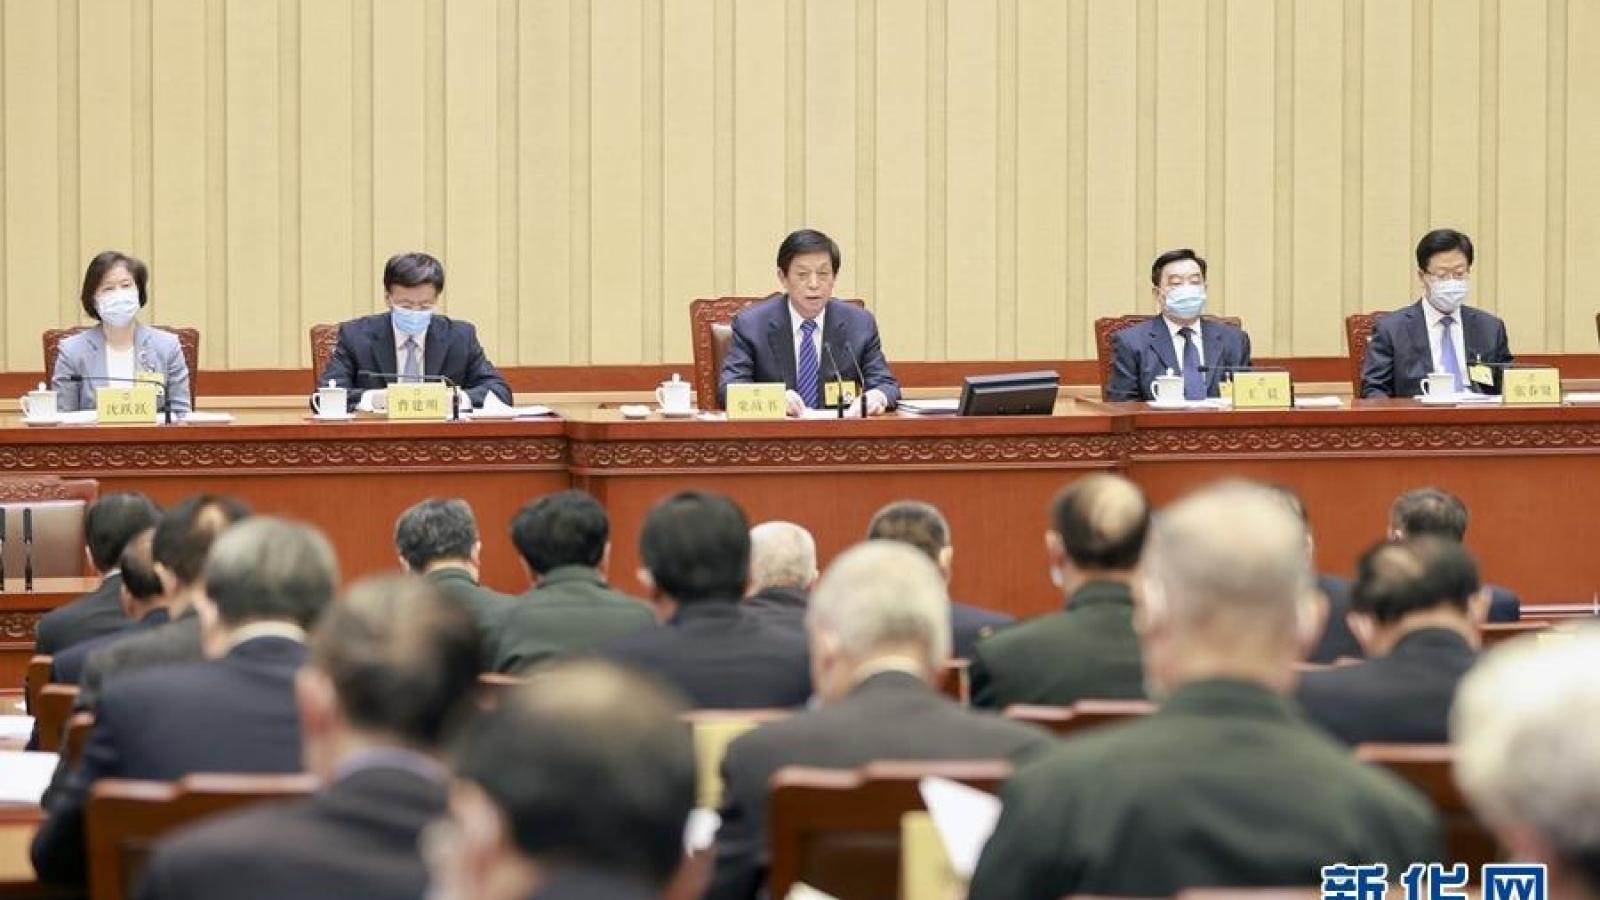 Trung Quốc thông qua sửa đổi luật về cải cách bầu cử ở Hong Kong